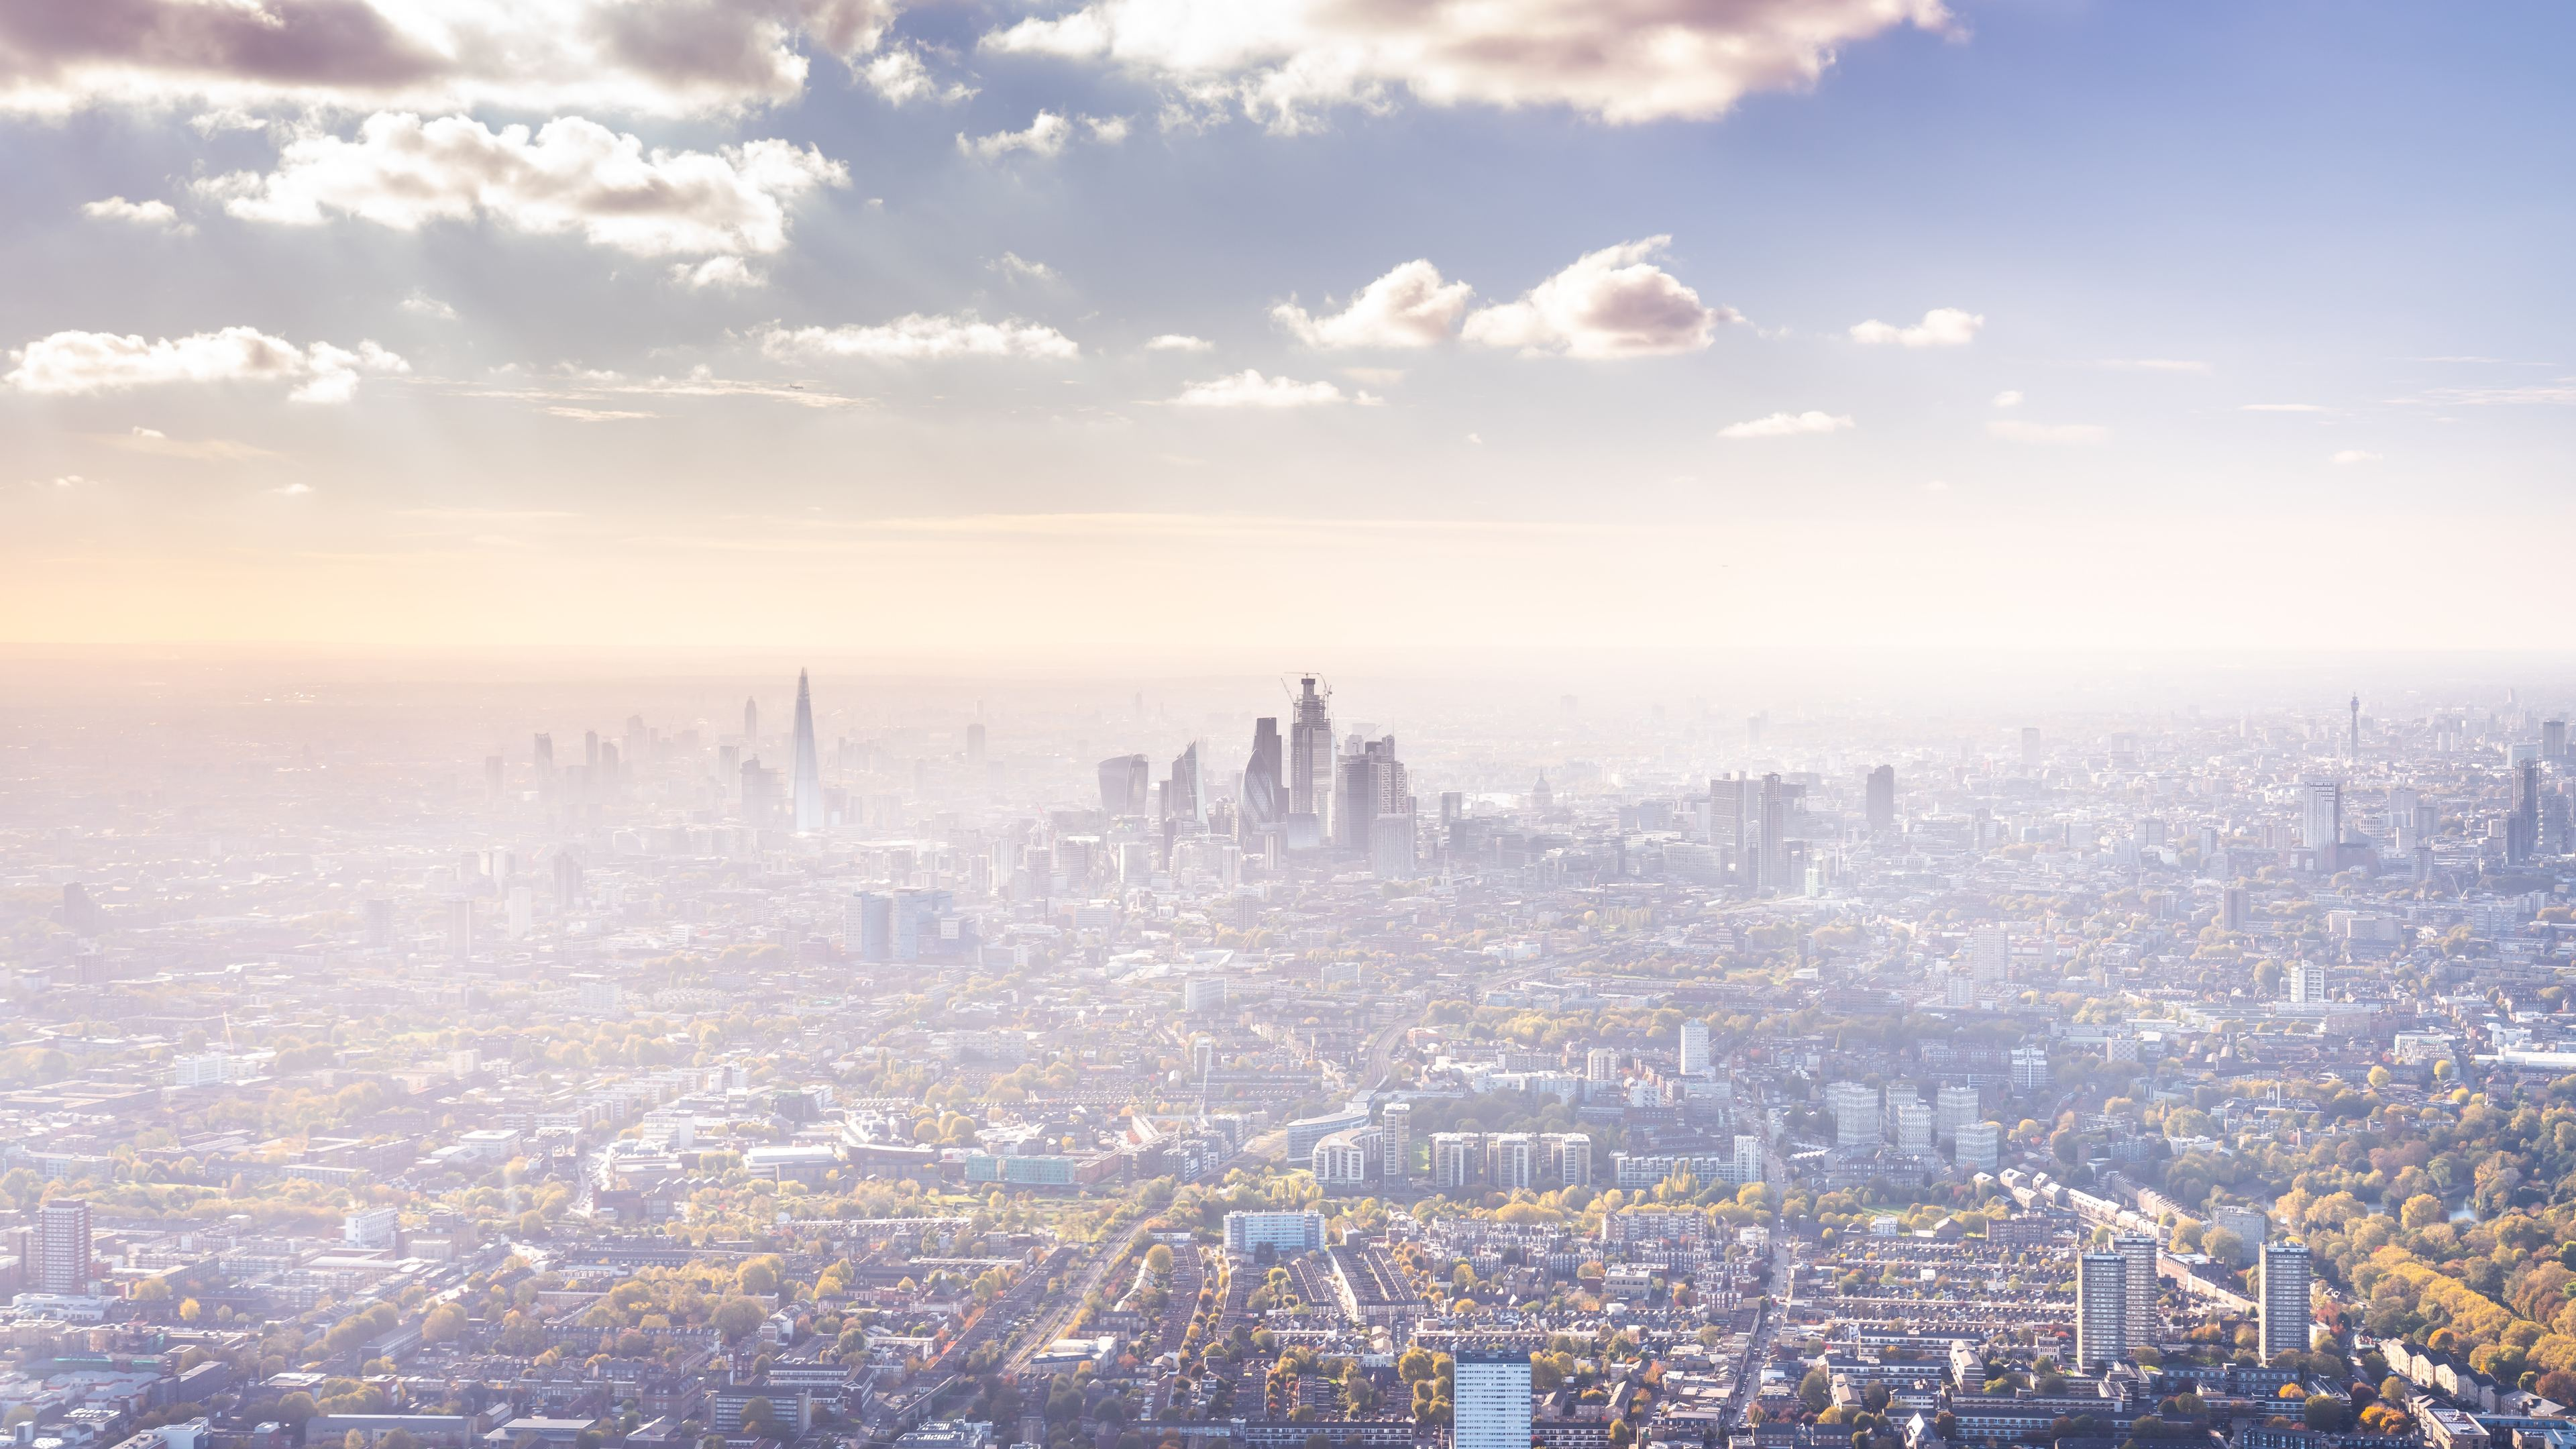 City Of London Skyline 4k skyline wallpapers, photography ...